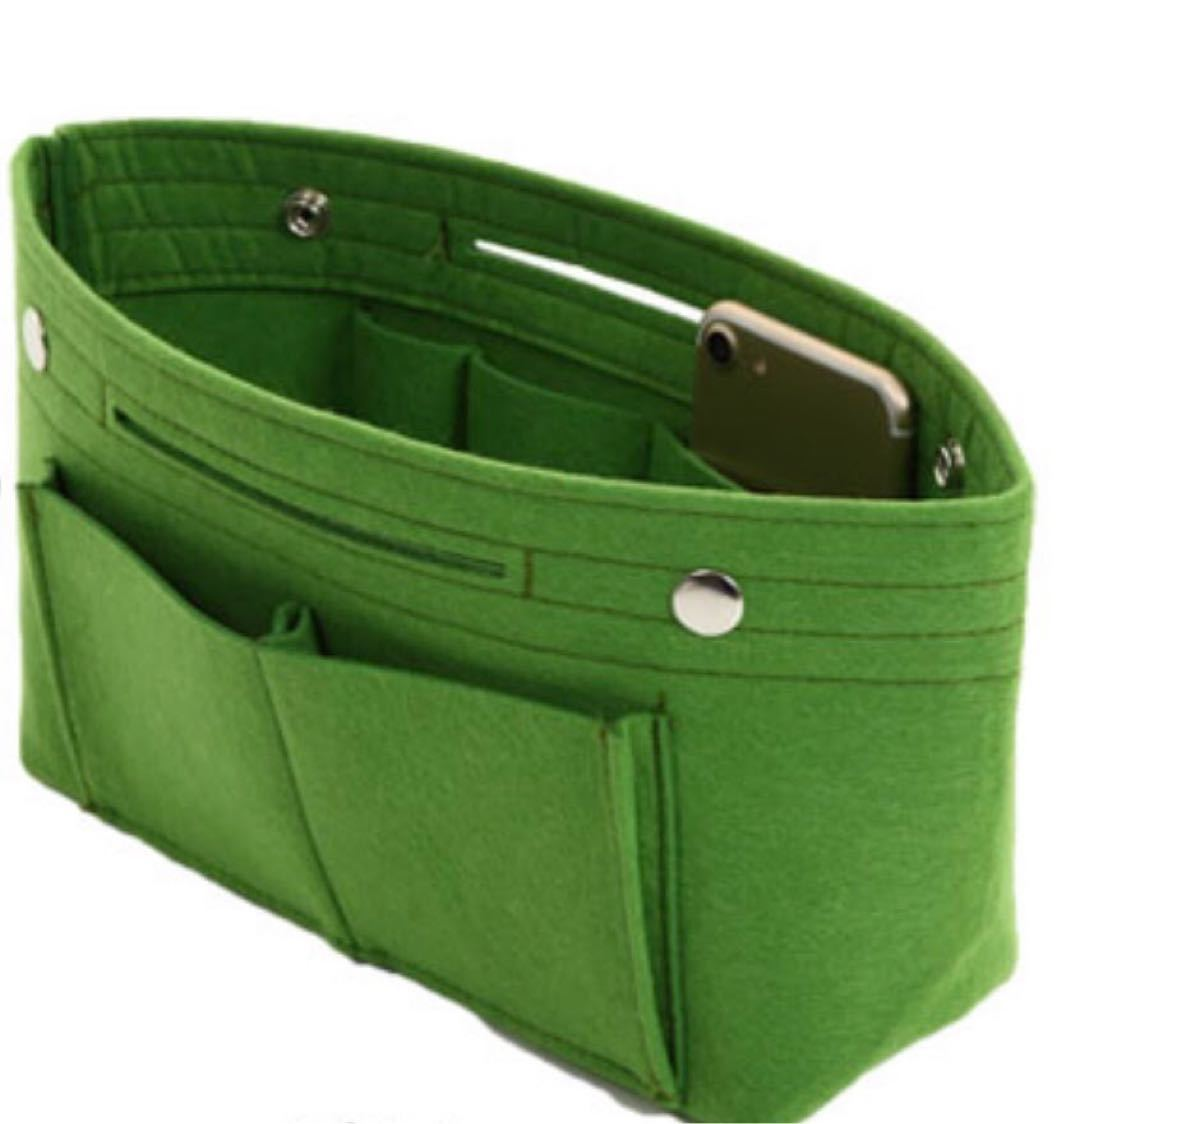 バッグインバッグ 大容量 フェルト インナーバッグ 収納ボックス 軽量 収納バッグ ポーチ マザーズバッグ 緑